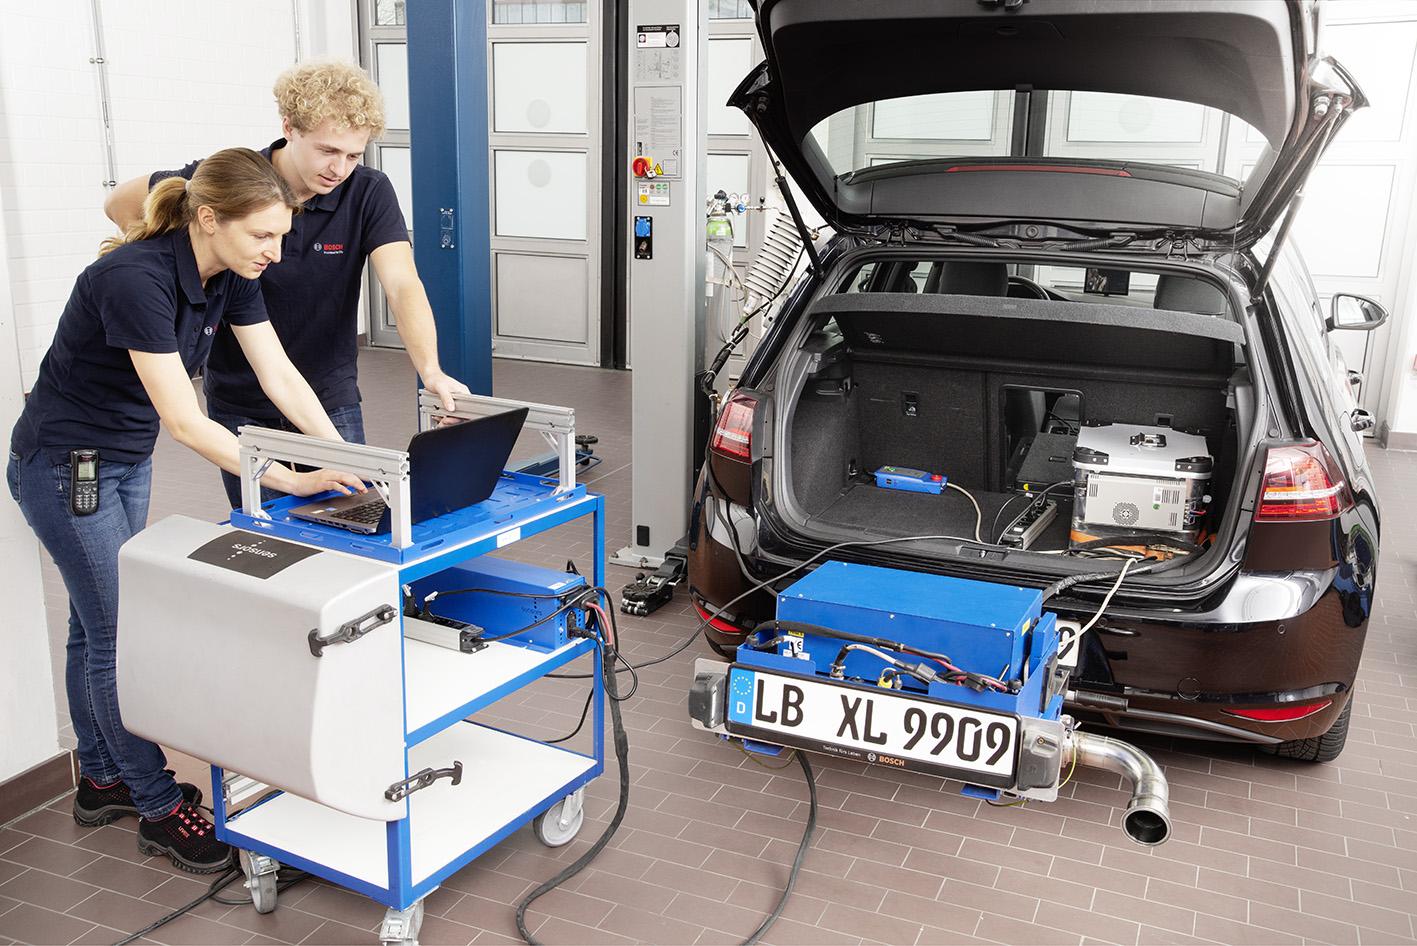 Nová technológia Bosch si vďaka nižšej spotrebe paliva a väčšej šetrnosti k životnému prostrediu udržuje svoju výhodu